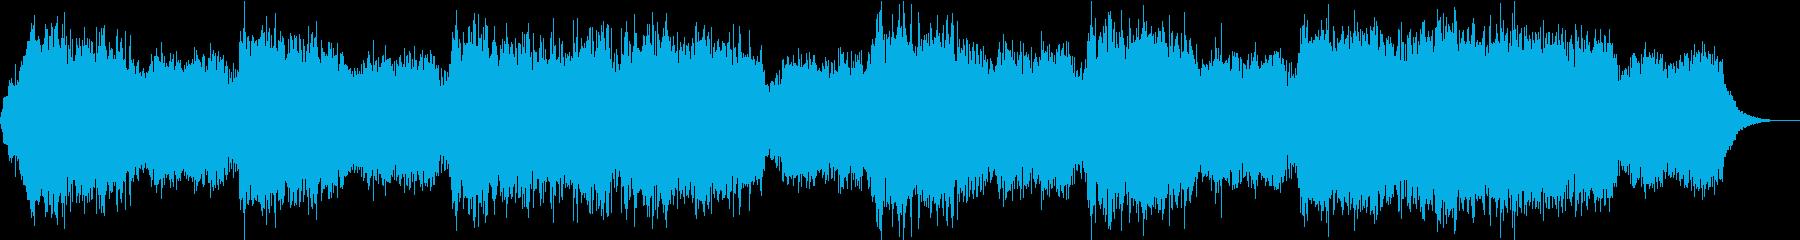 民族的・幻想的メロディアスなジングルの再生済みの波形